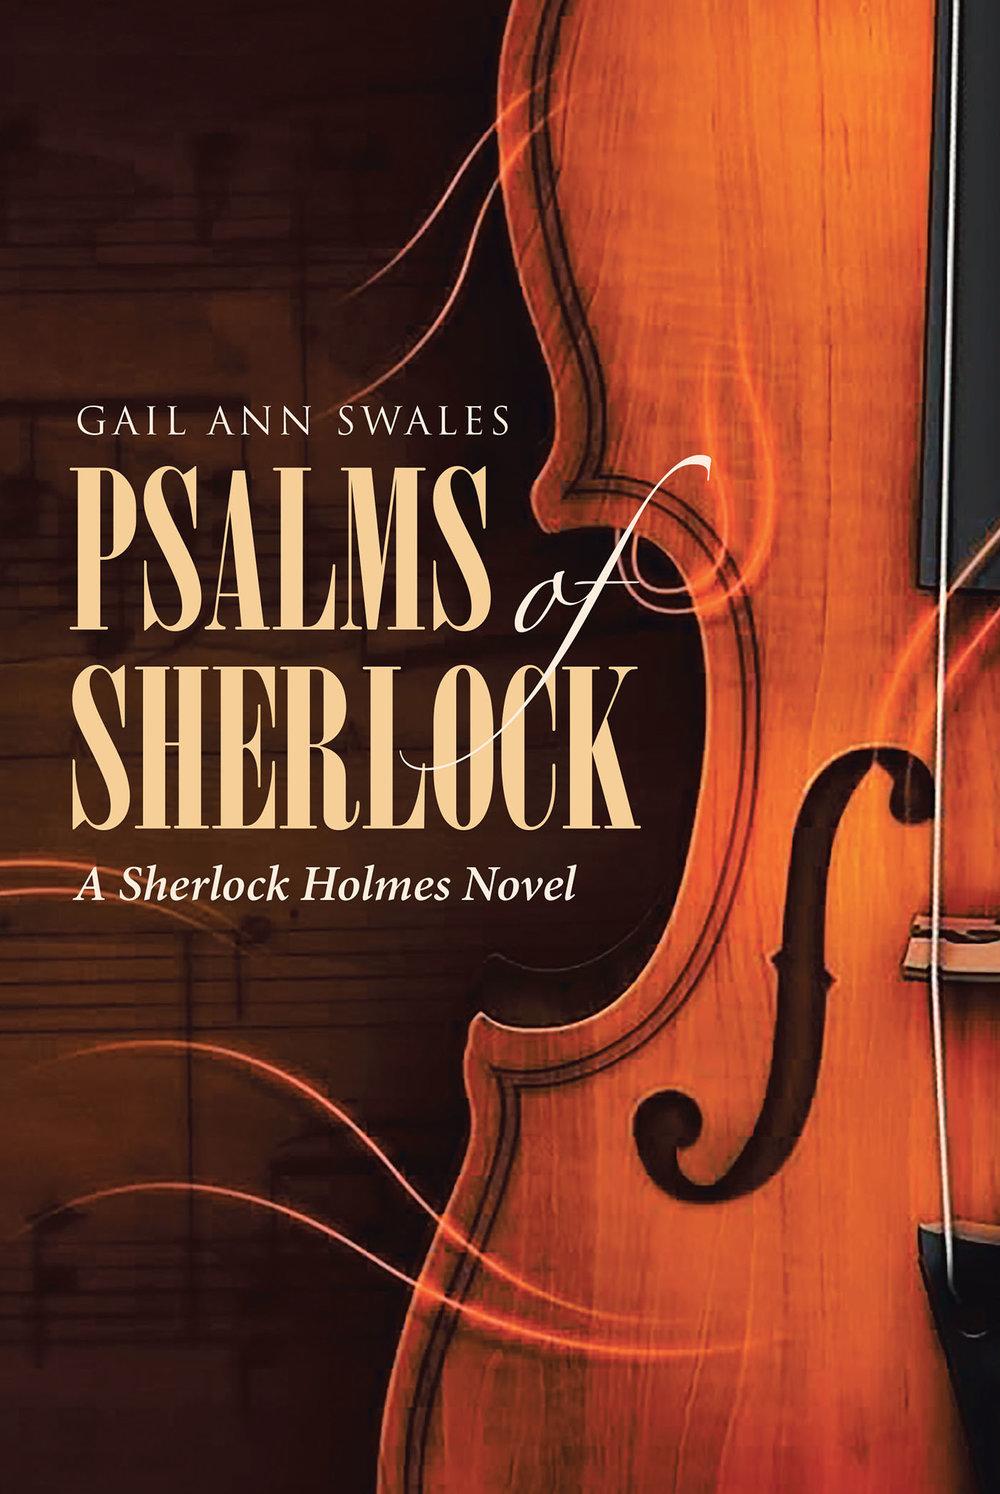 Psalms Cover - Official.jpg